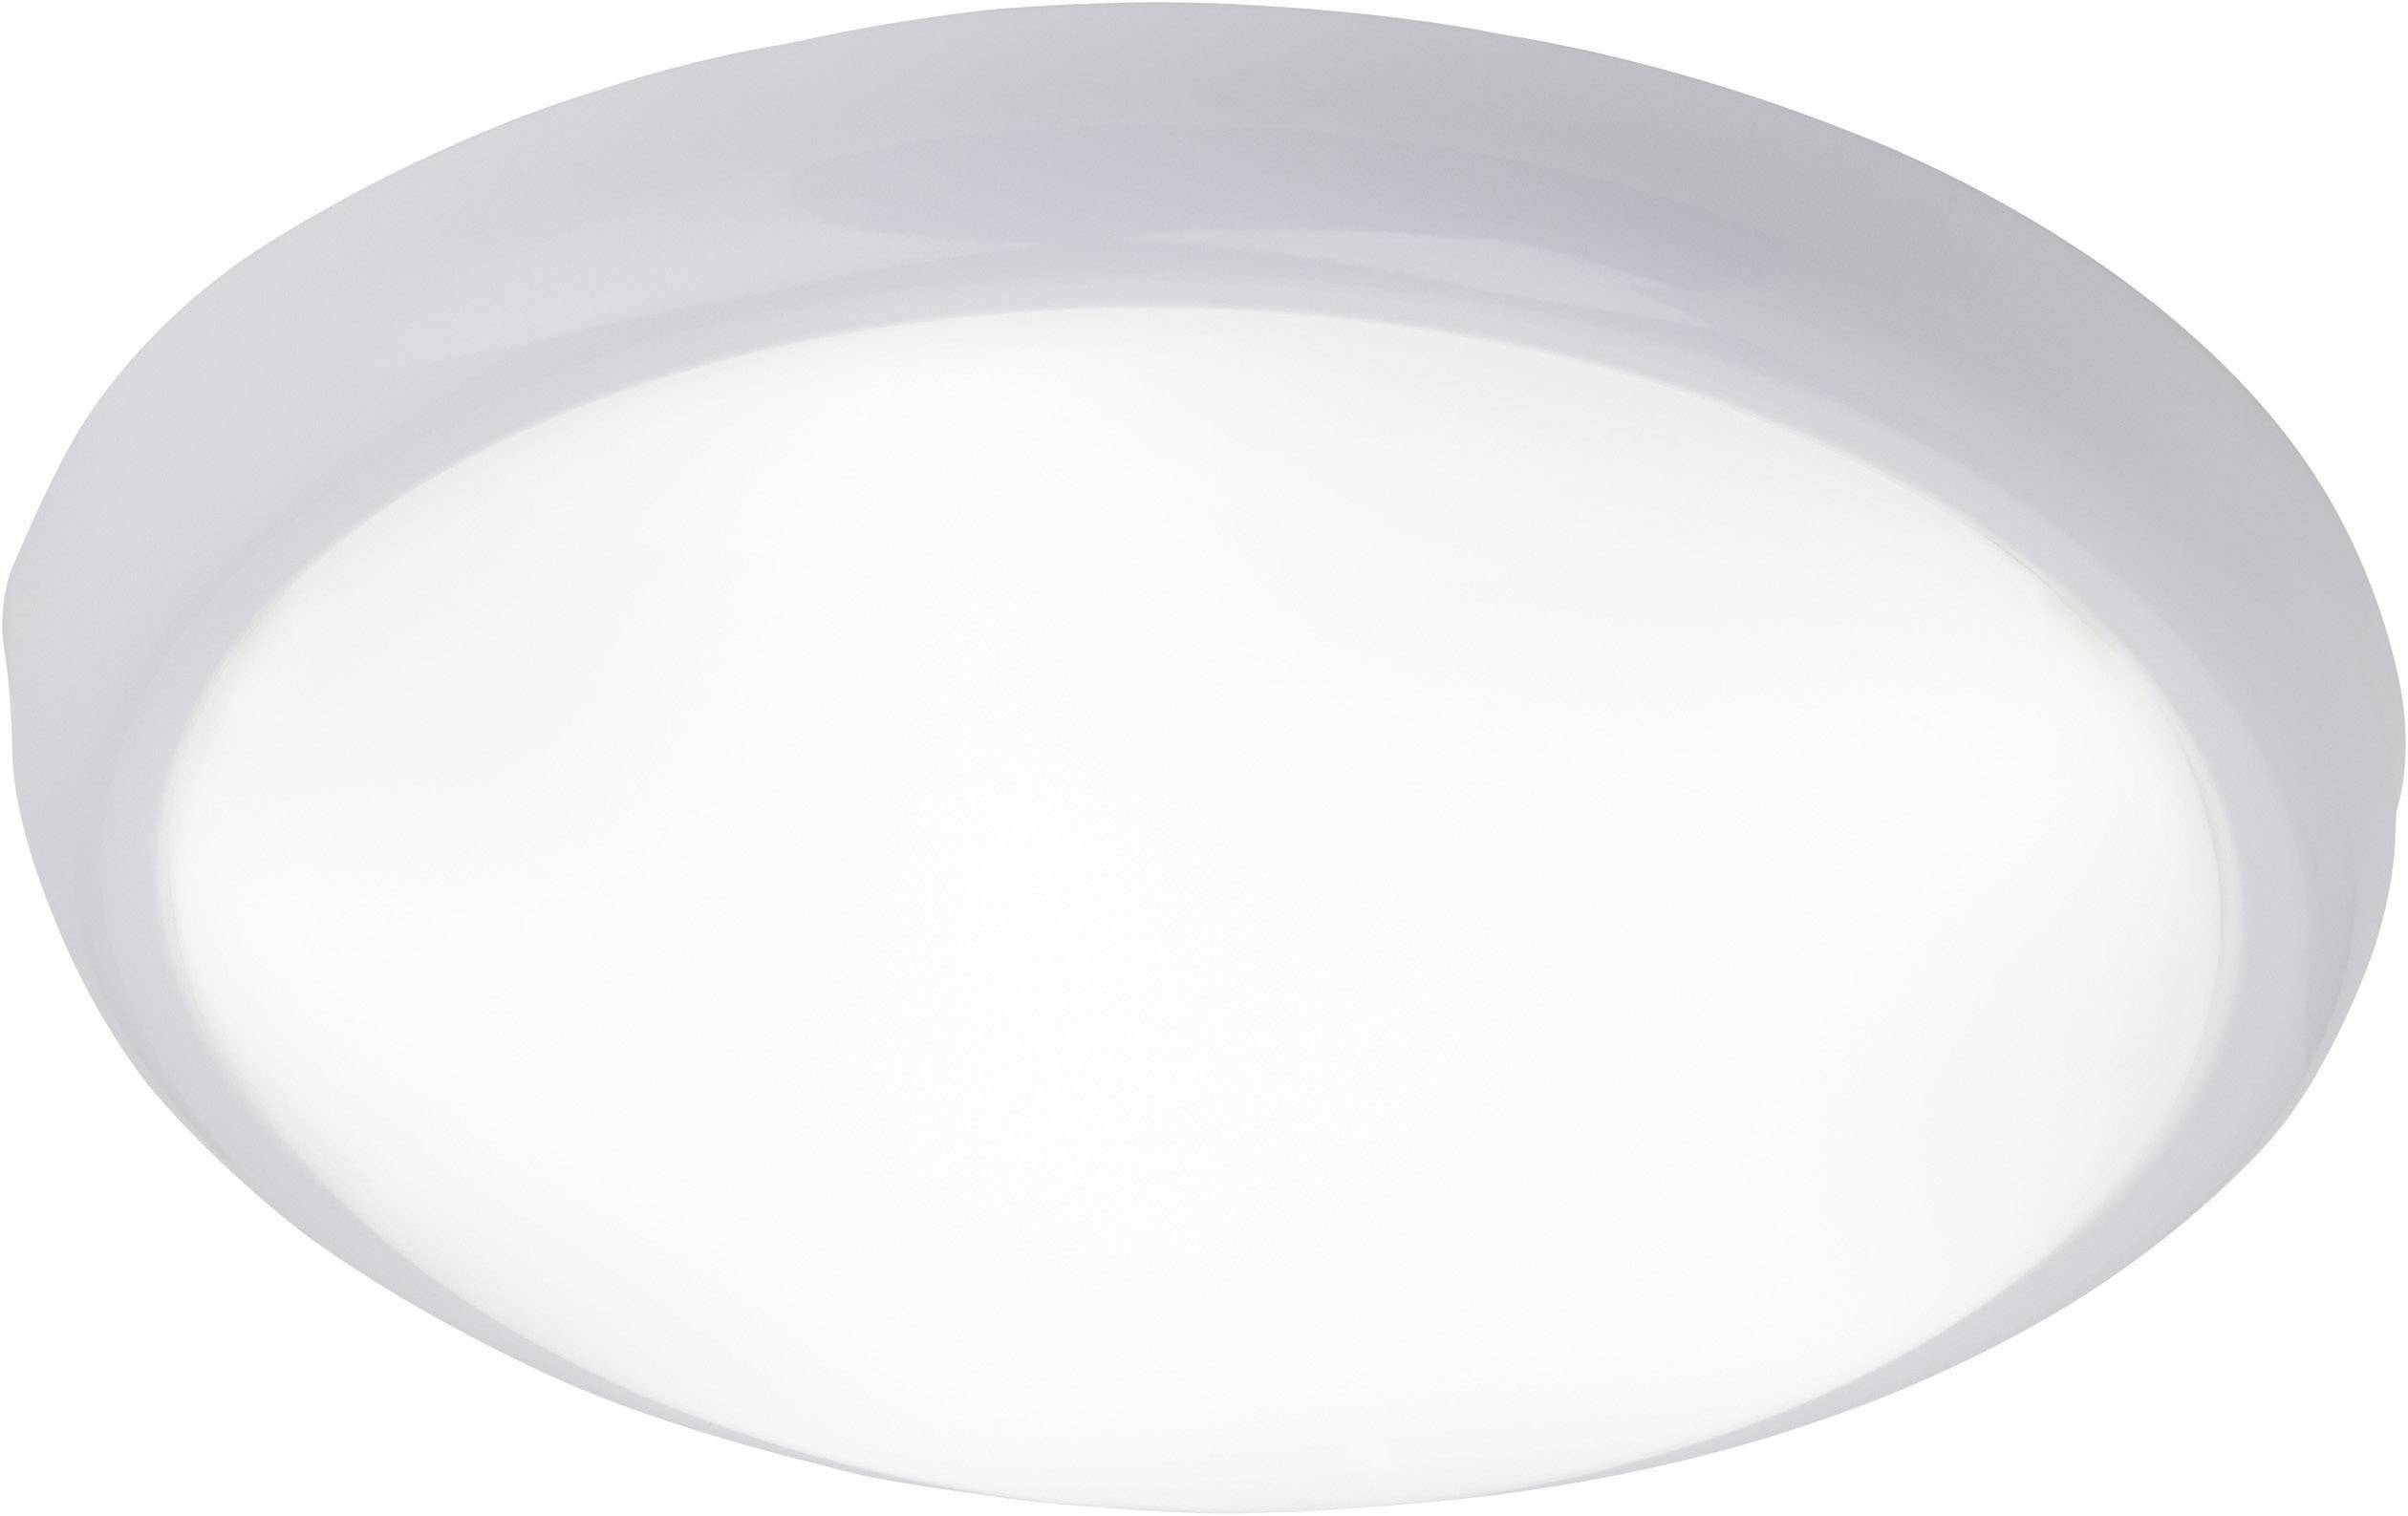 LED stropné svietidlo Brilliant Vigor G94131/05, 15 W, Ø 33 cm, chladná biela, železo, biela